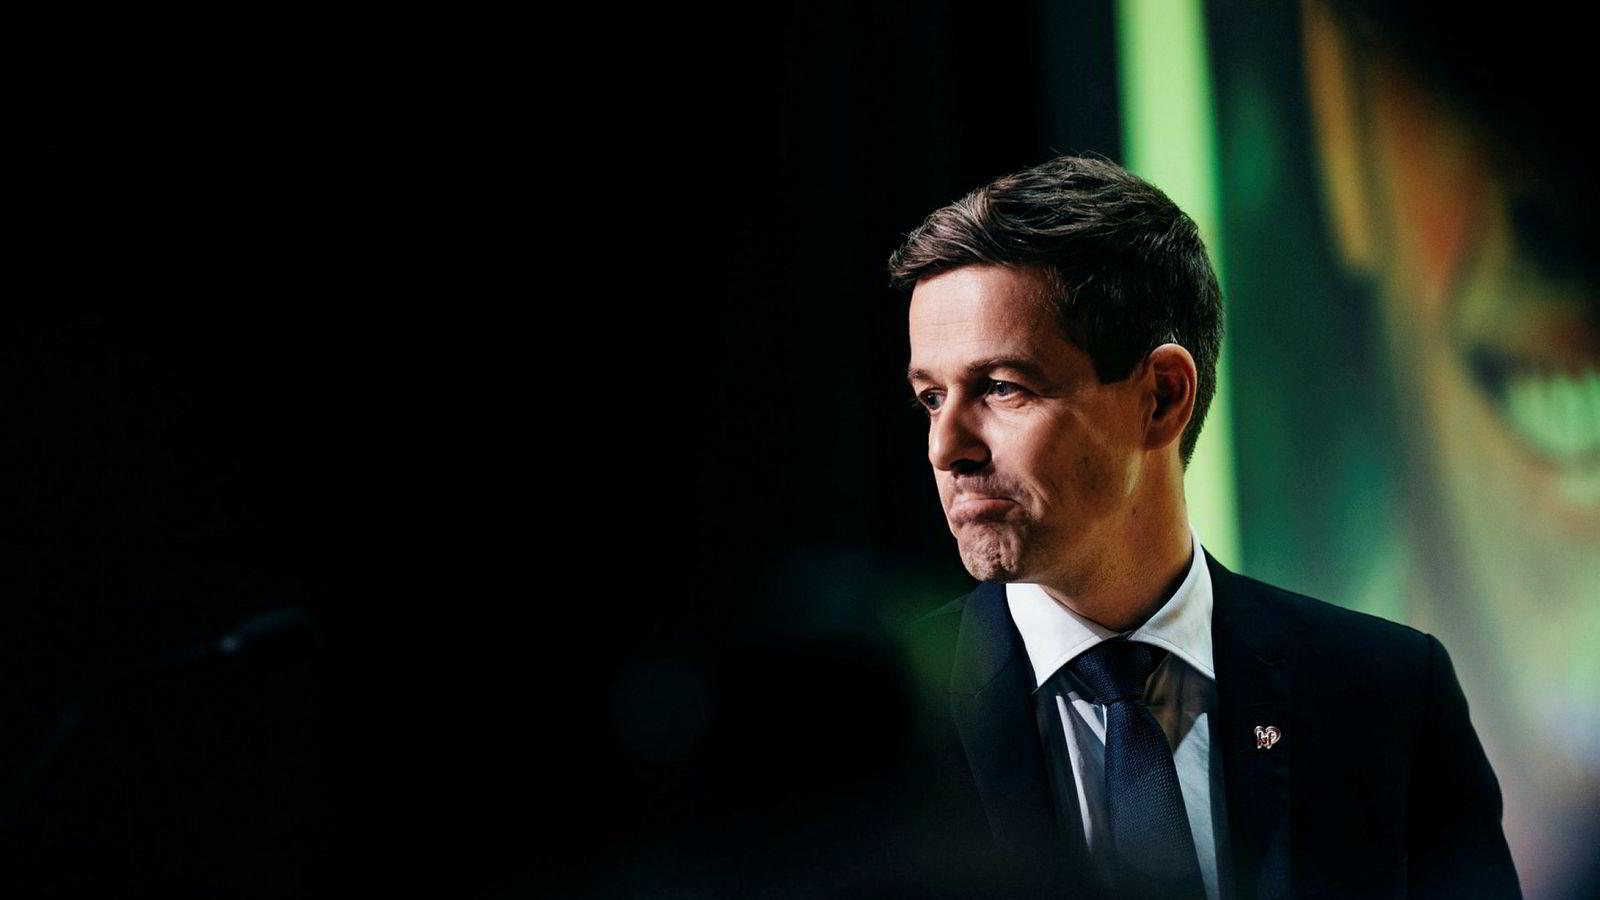 Knut Arild Hareide led nederlag på KrFs ekstraordinære landsmøte i november. Neste uke kan han gå av som partileder dersom KrF går inn i regjering.